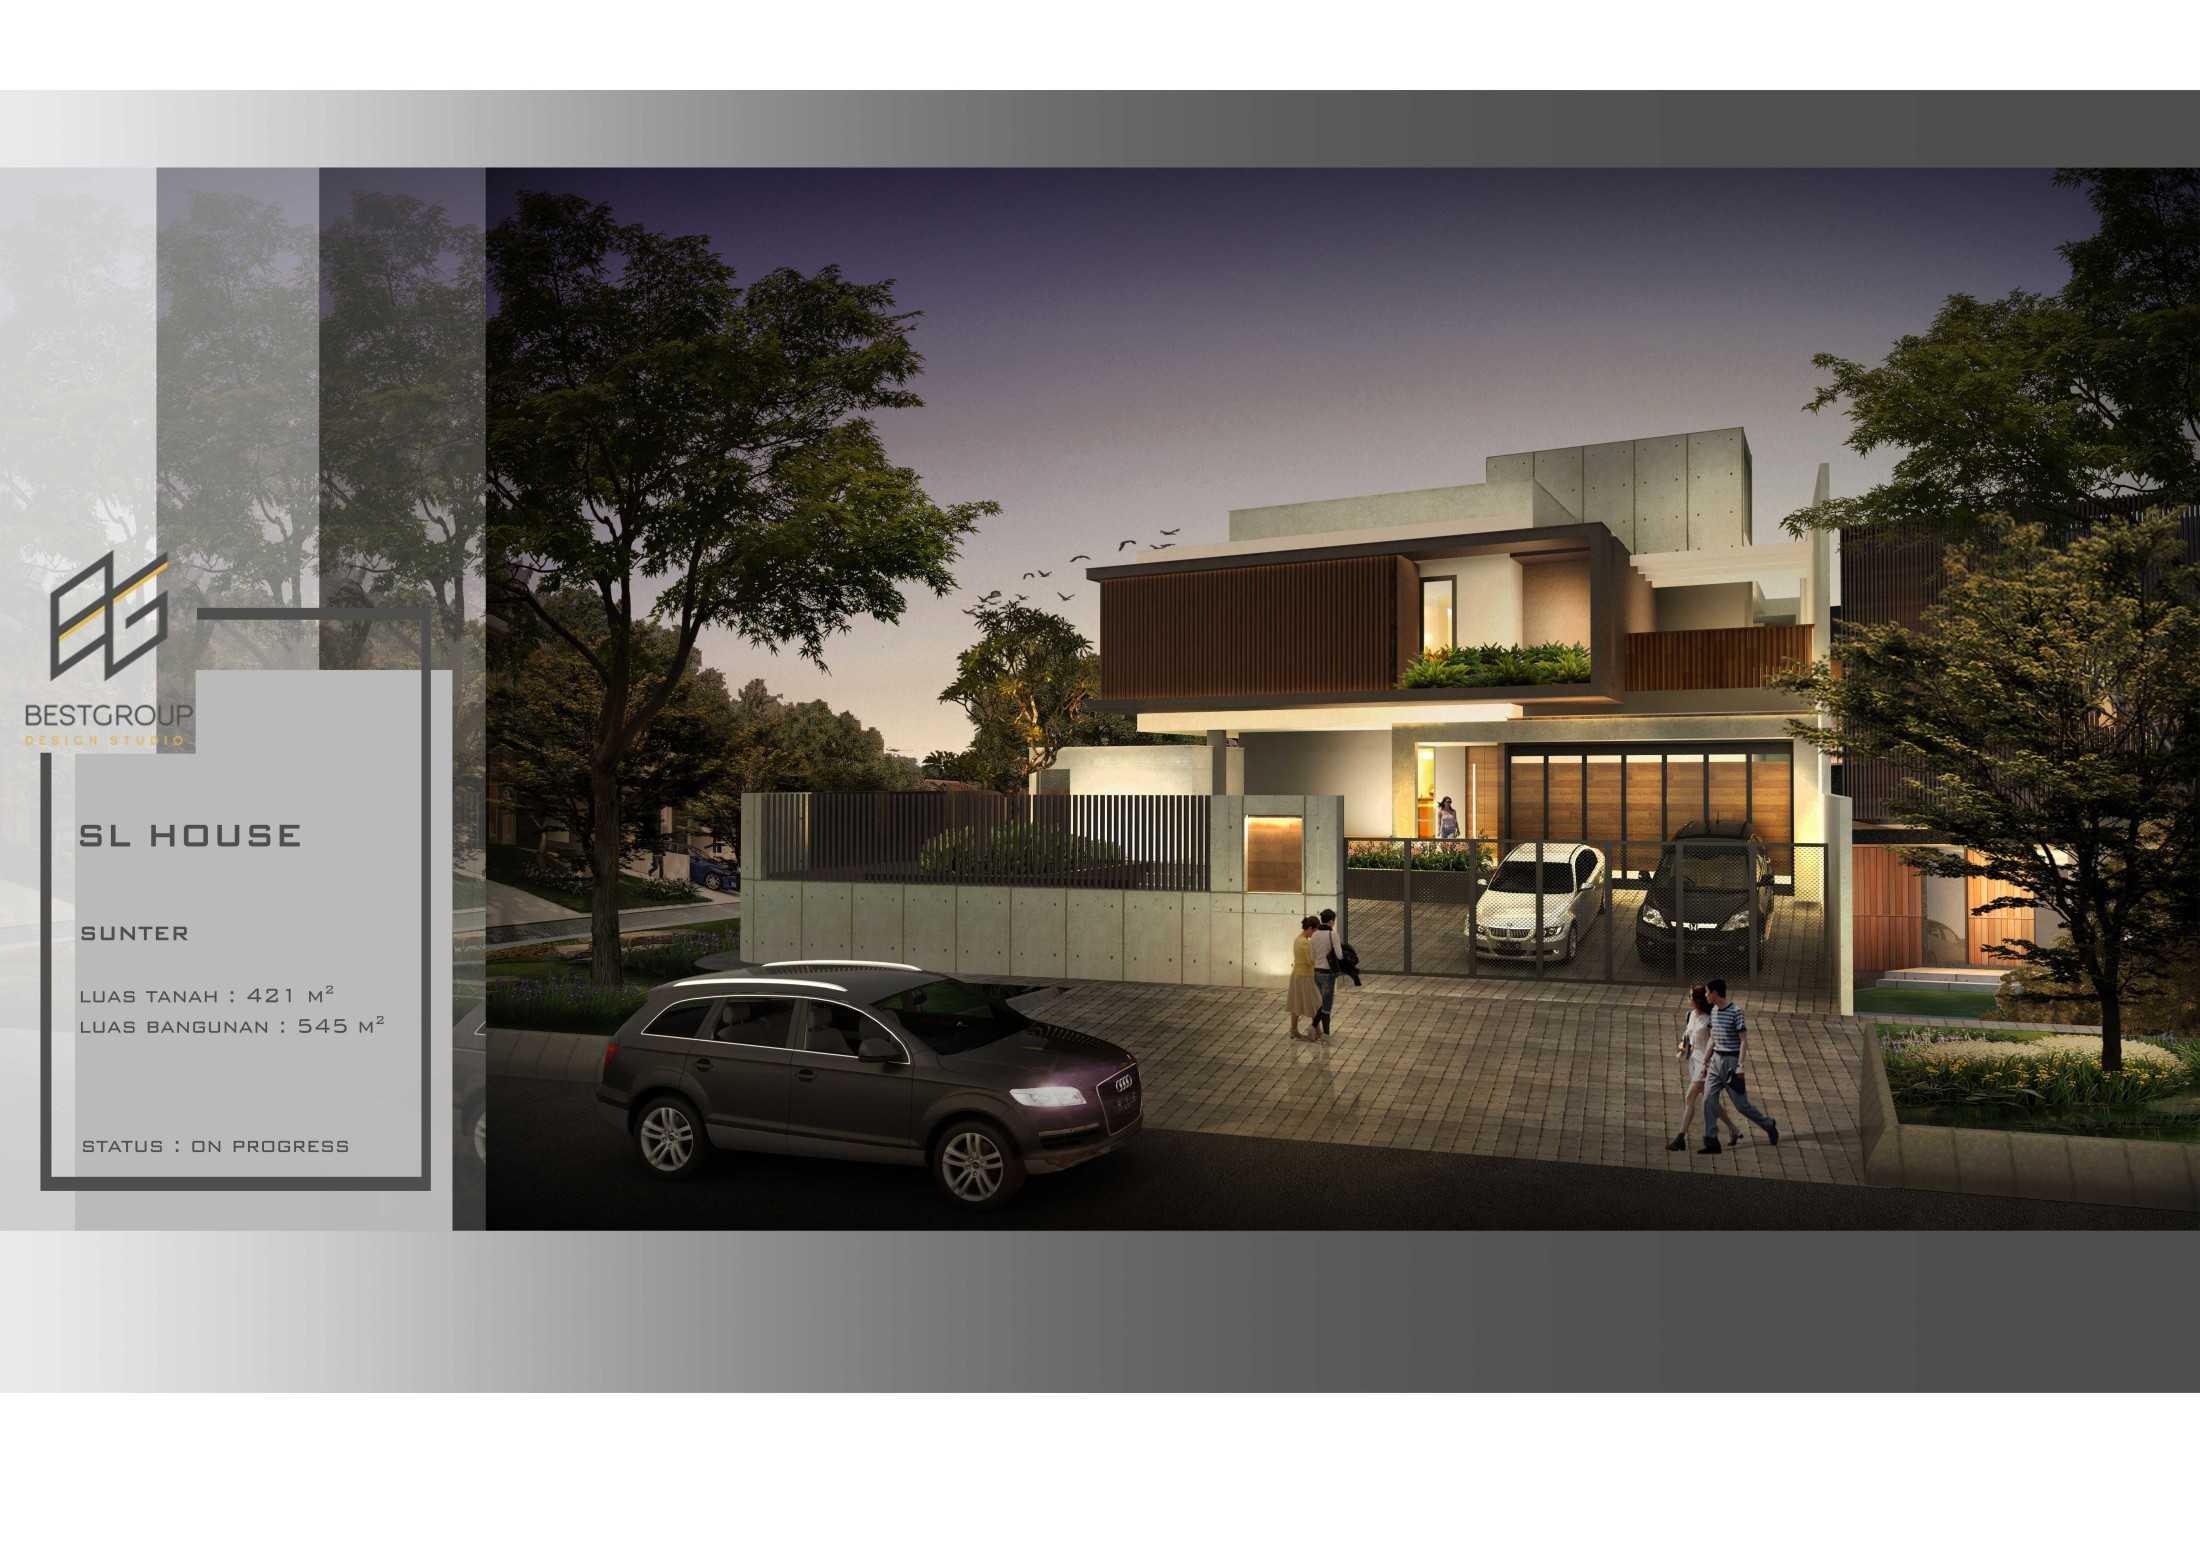 Best Group Design Studio Sl House Daerah Khusus Ibukota Jakarta, Indonesia Daerah Khusus Ibukota Jakarta, Indonesia Best-Group-Design-Studio-Sl-House  63836